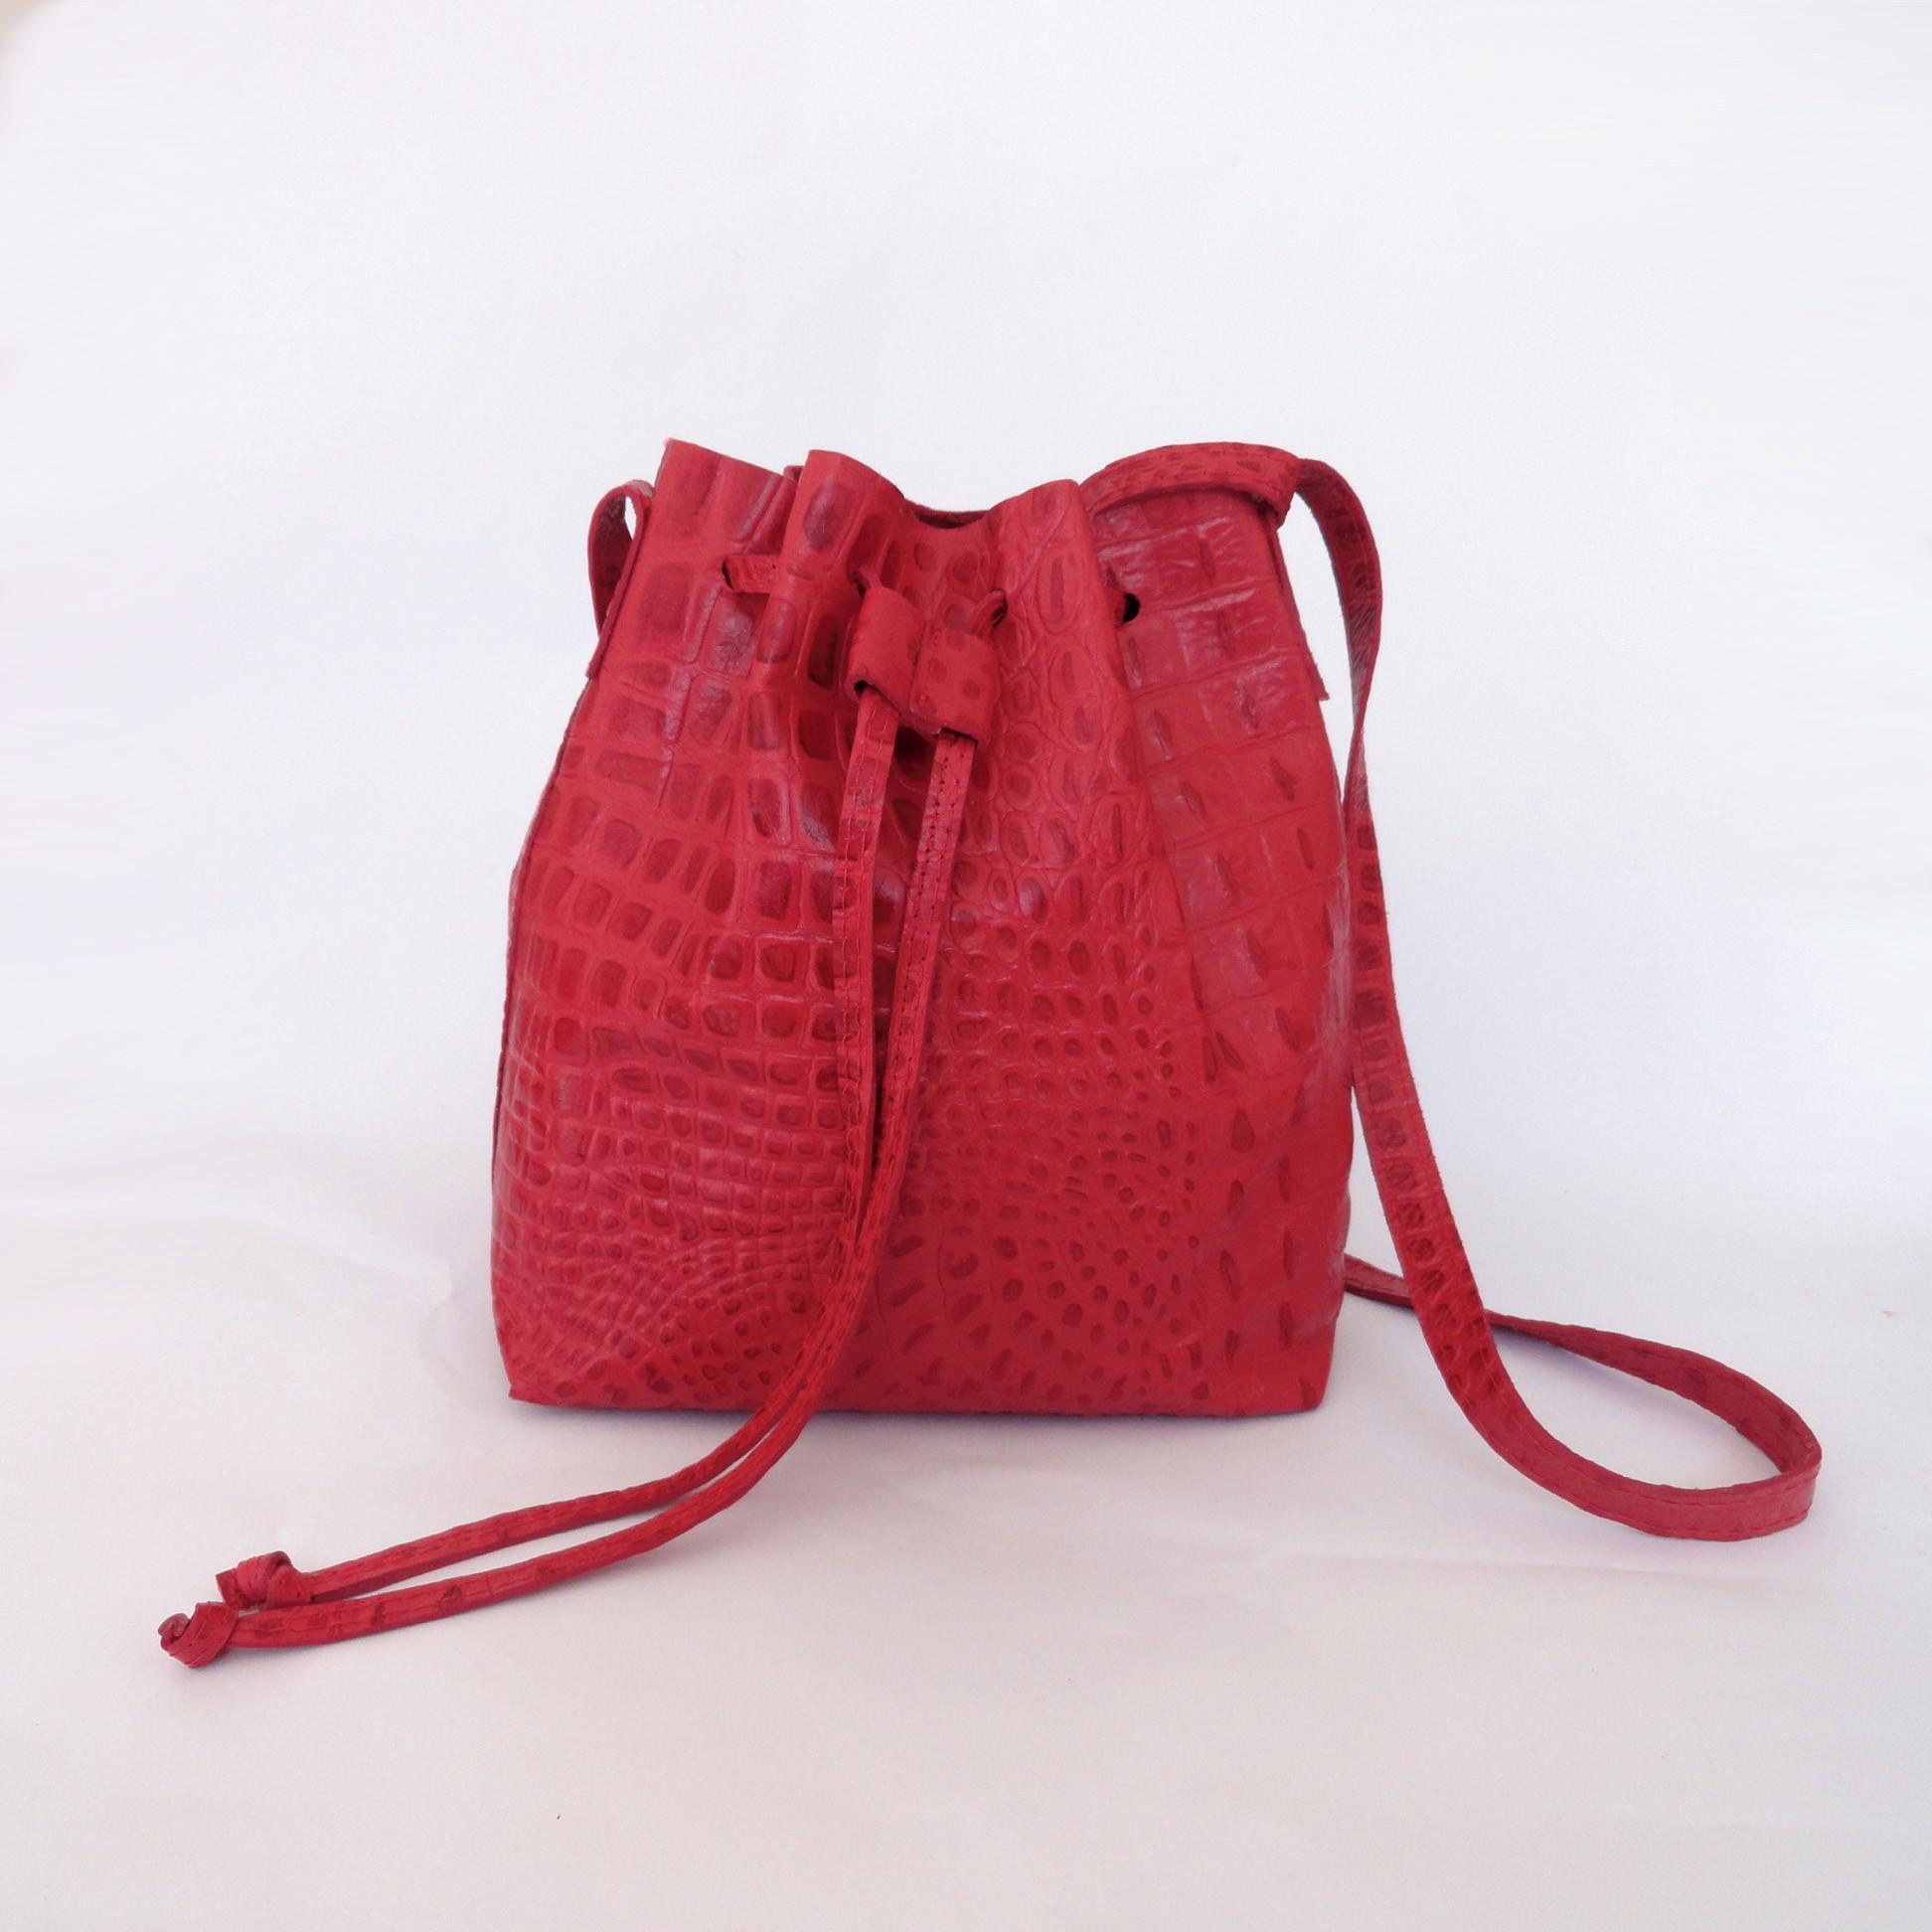 c2d3b9f7fd Bolsa Saco Mari Vermelha no Elo7